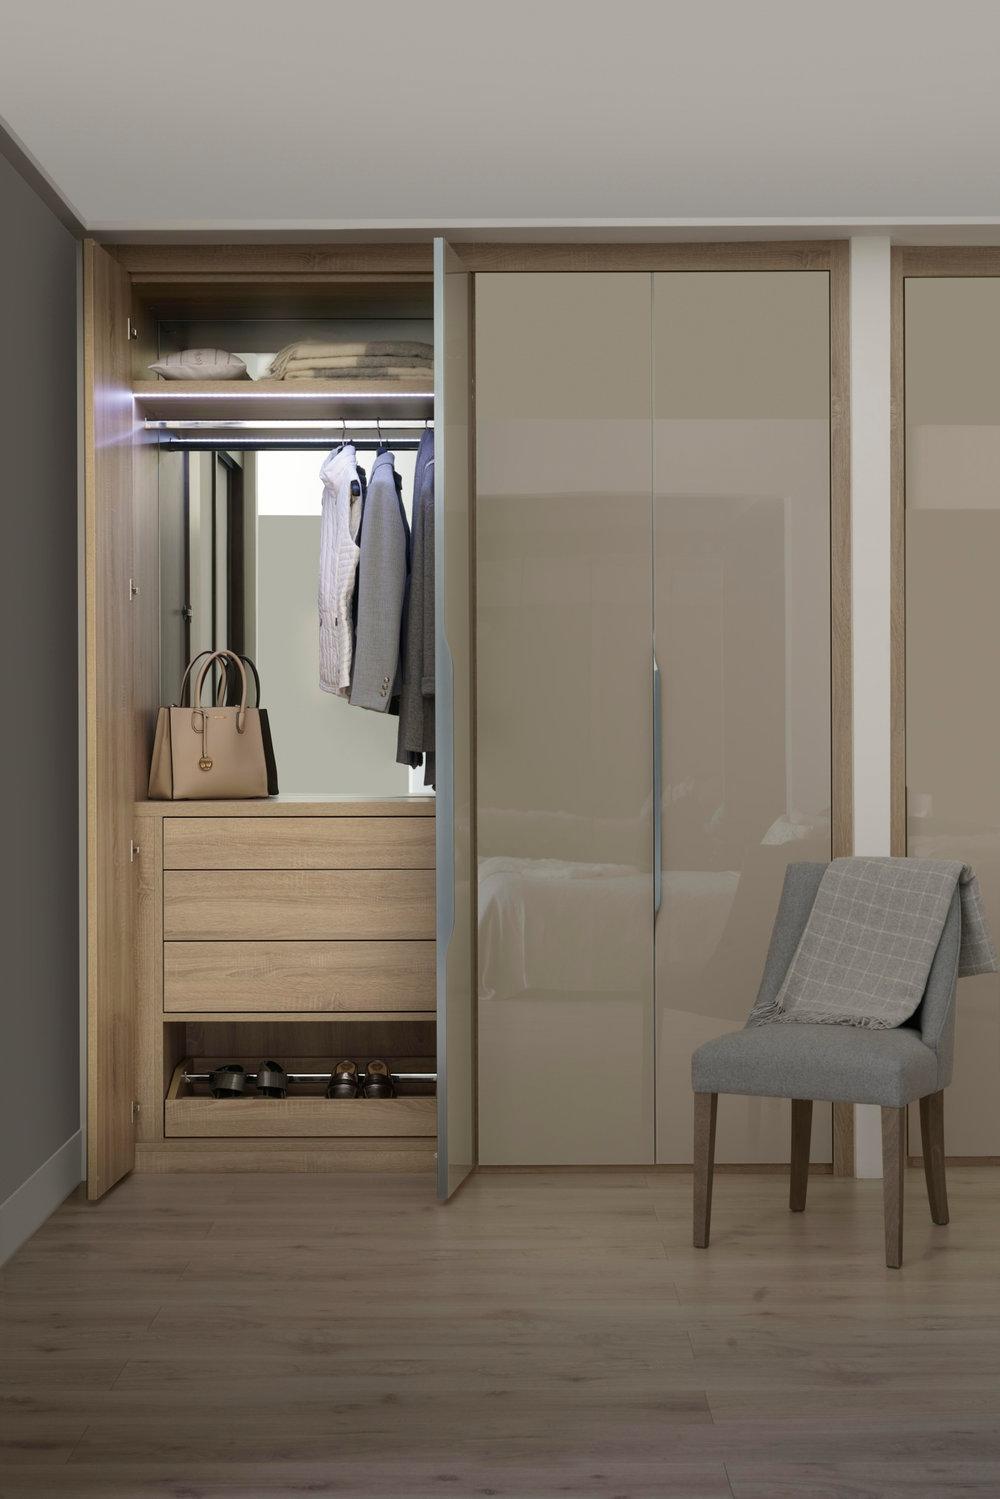 Frameless Glass Doors in Stone Grey